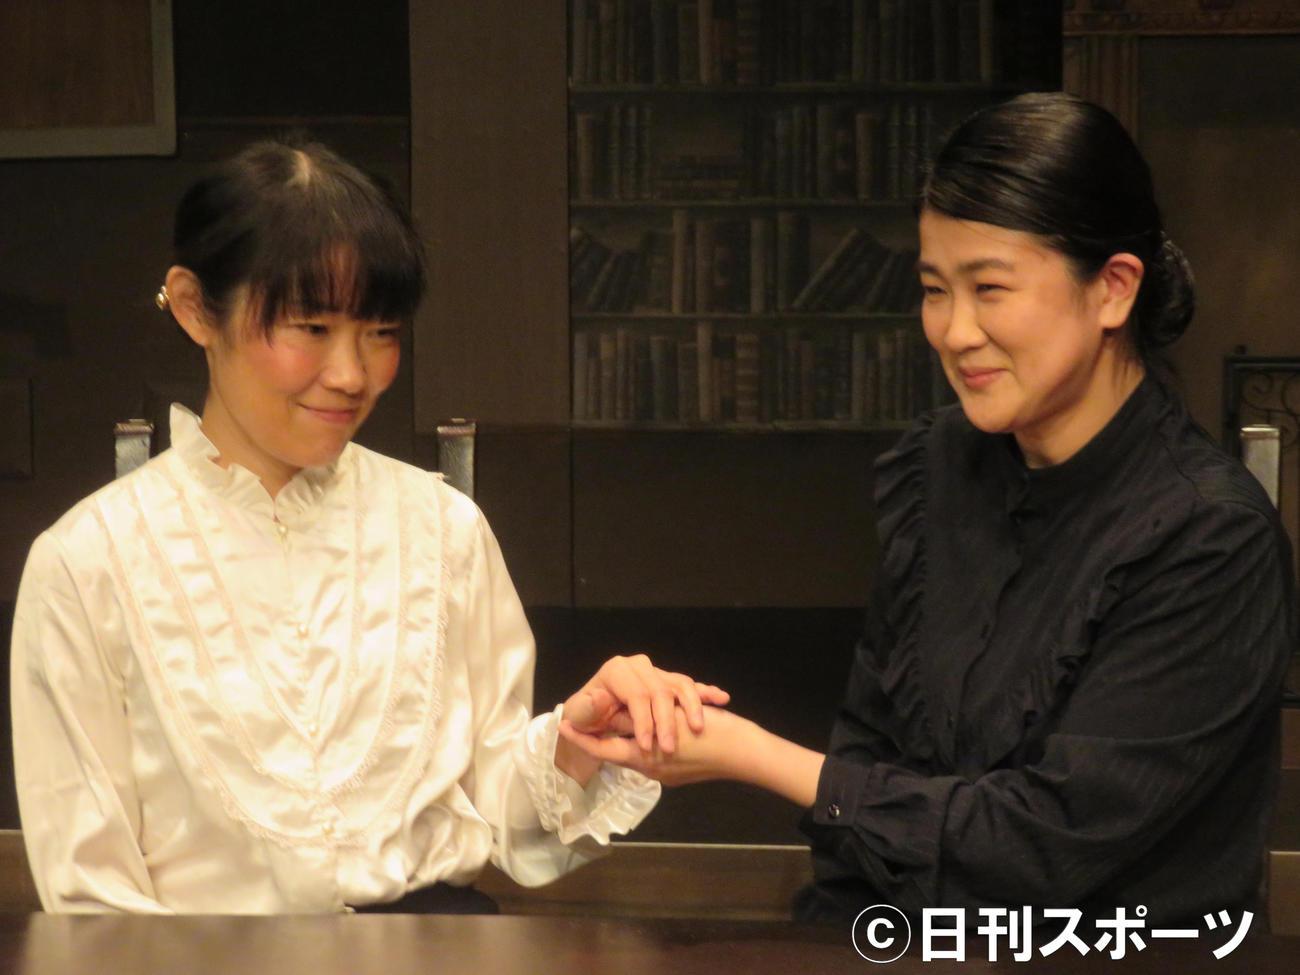 サリバン先生役の松本紀保(右)とヘレン役の羽杏